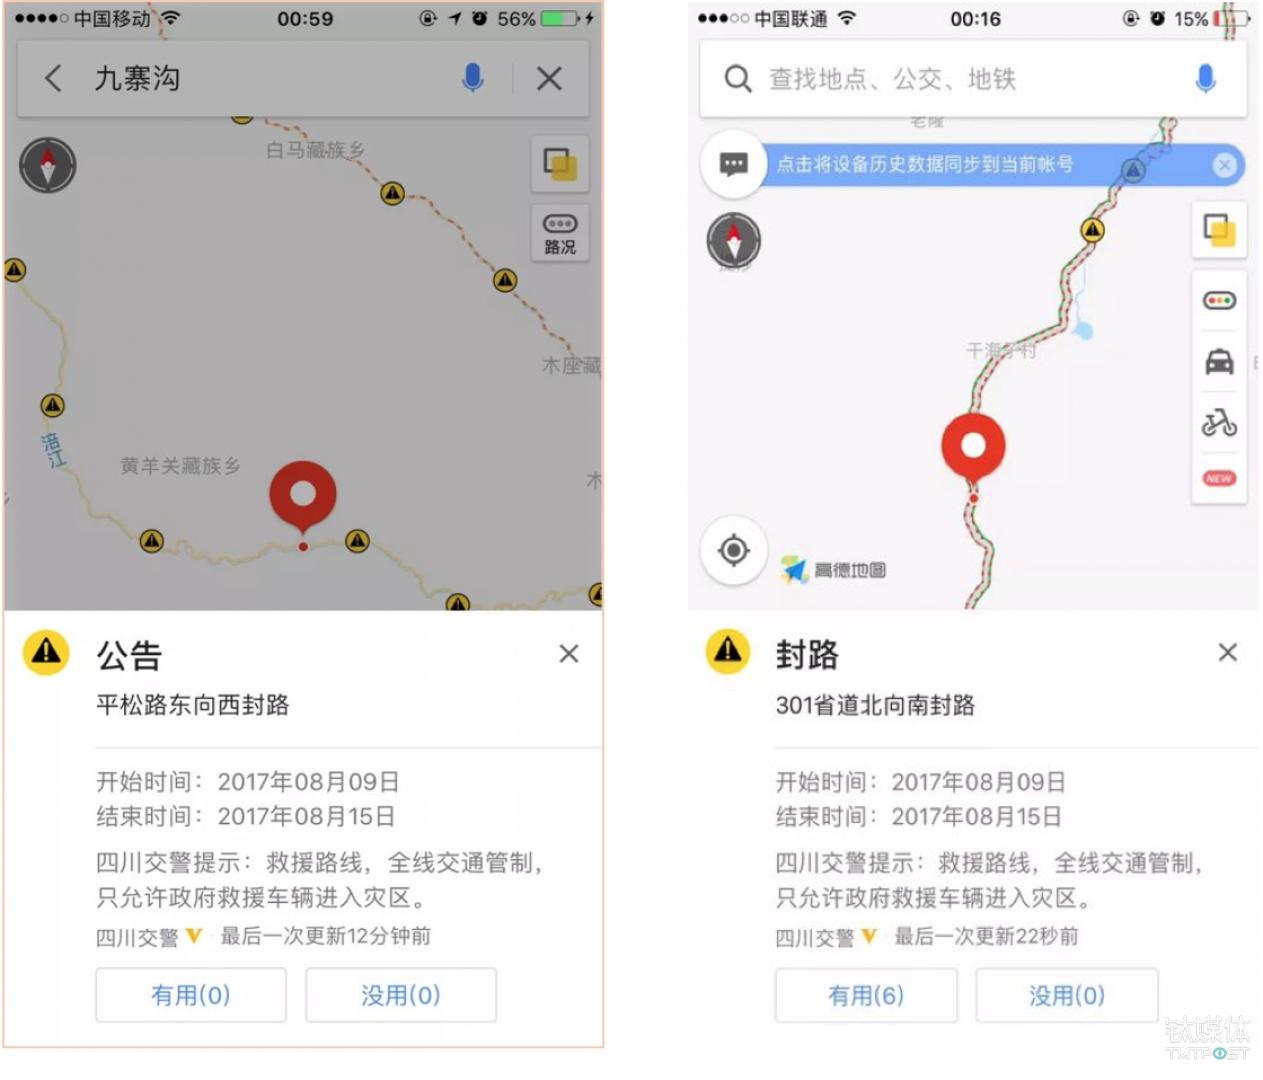 高德地图上线了九寨沟县周边的地震救灾事件提醒